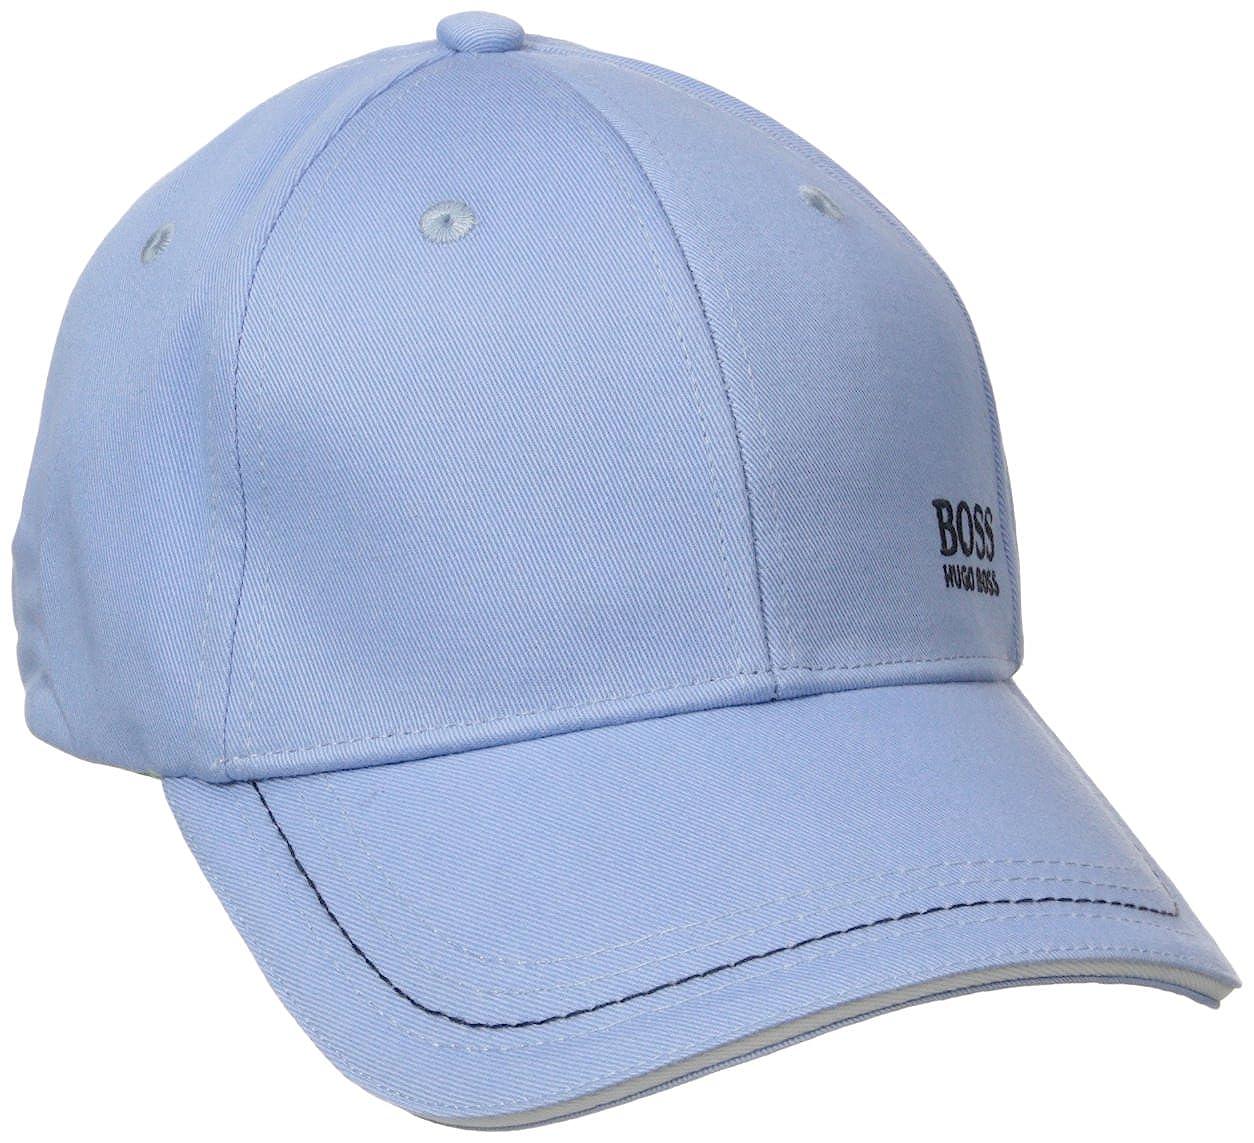 BOSS Hugo Hombres Cap 1 Gorra de béisbol - Azul -: Amazon.es: Ropa y accesorios